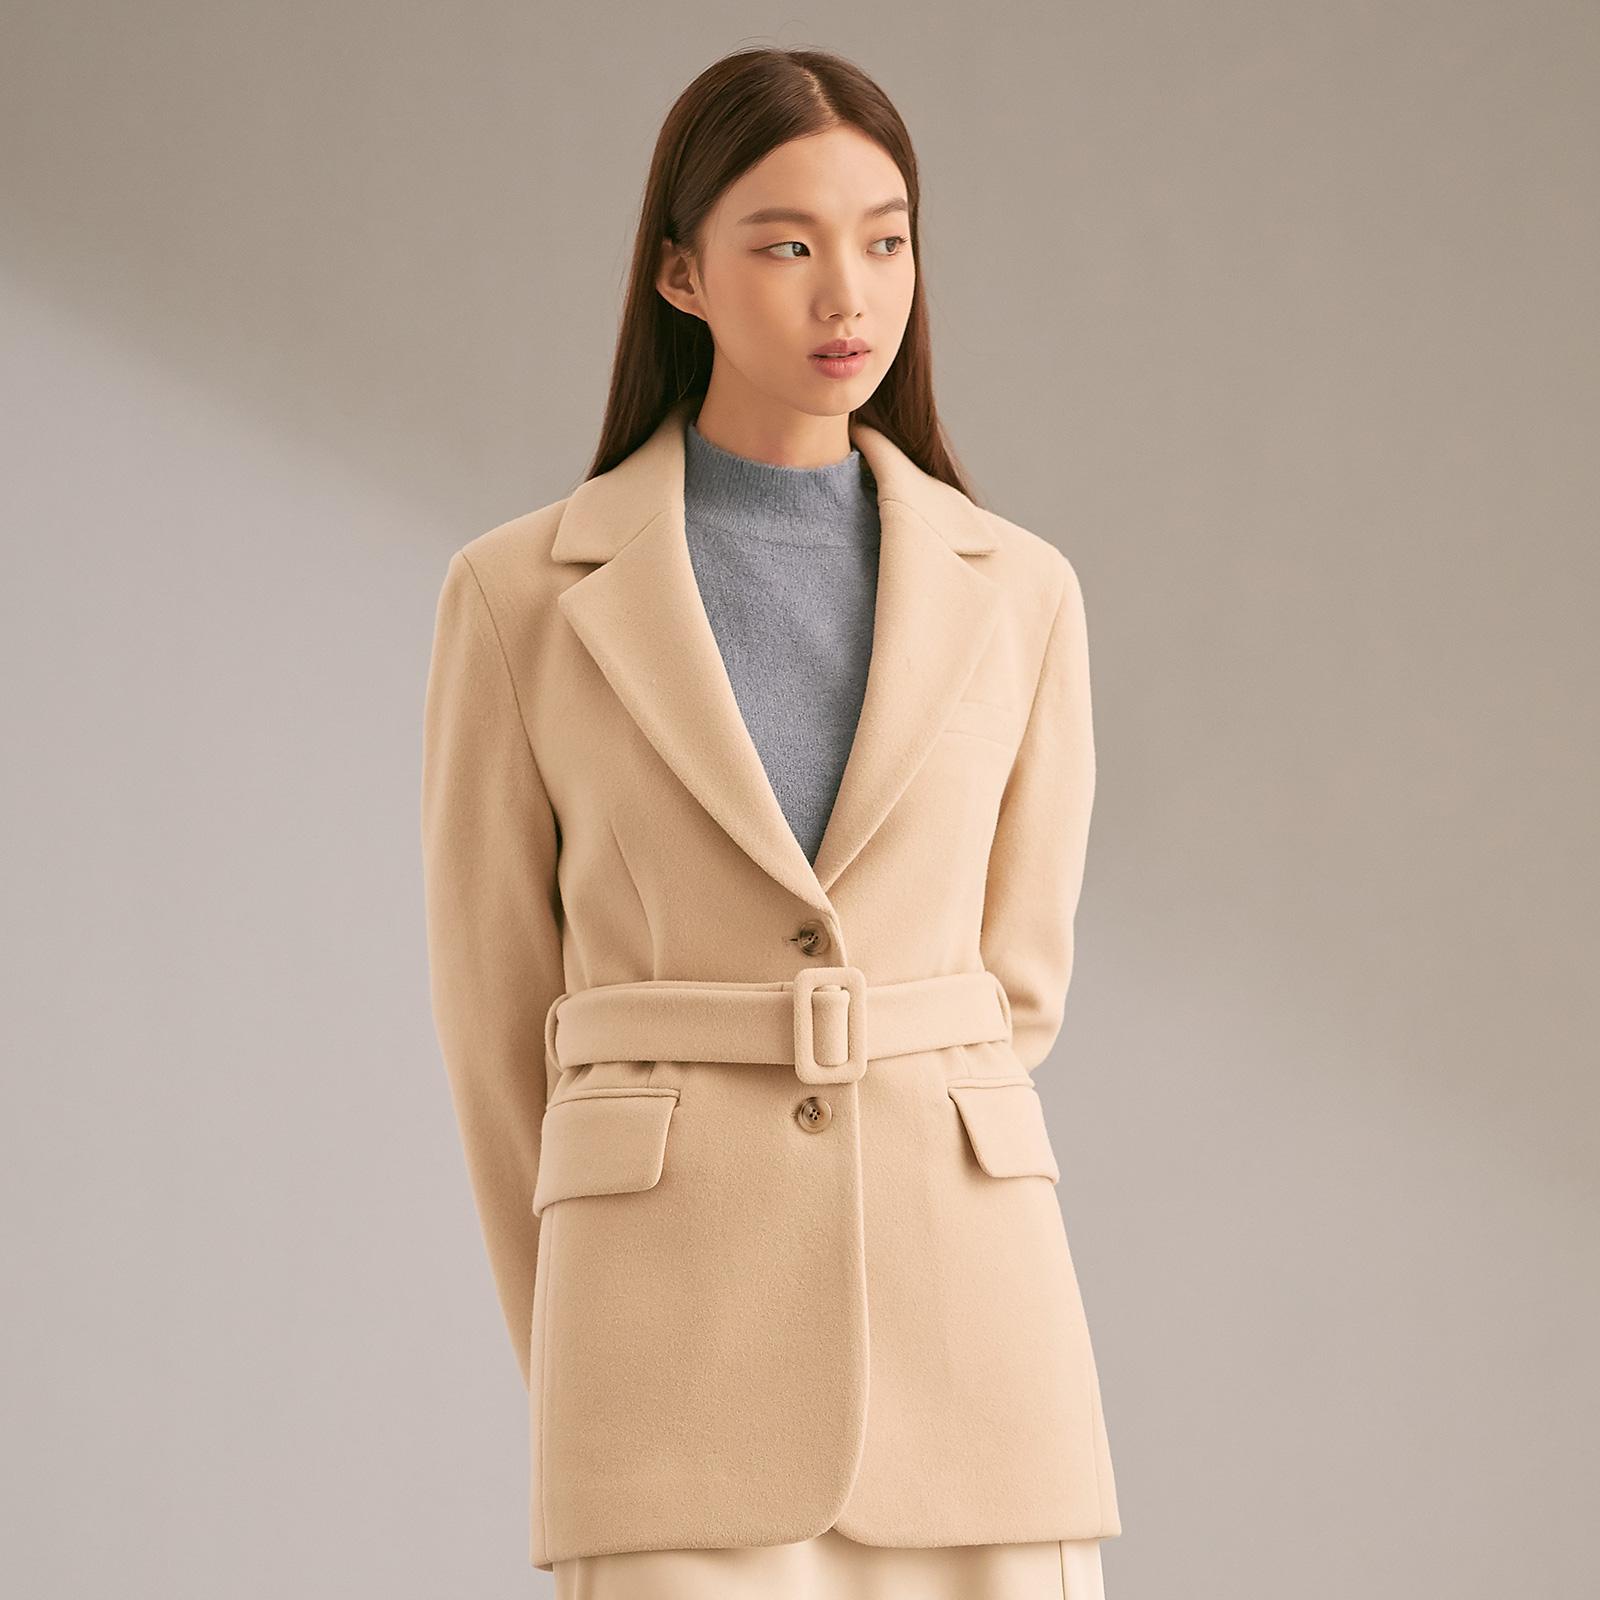 미쏘 여성용 일자핏 싱글 벨티드 자켓